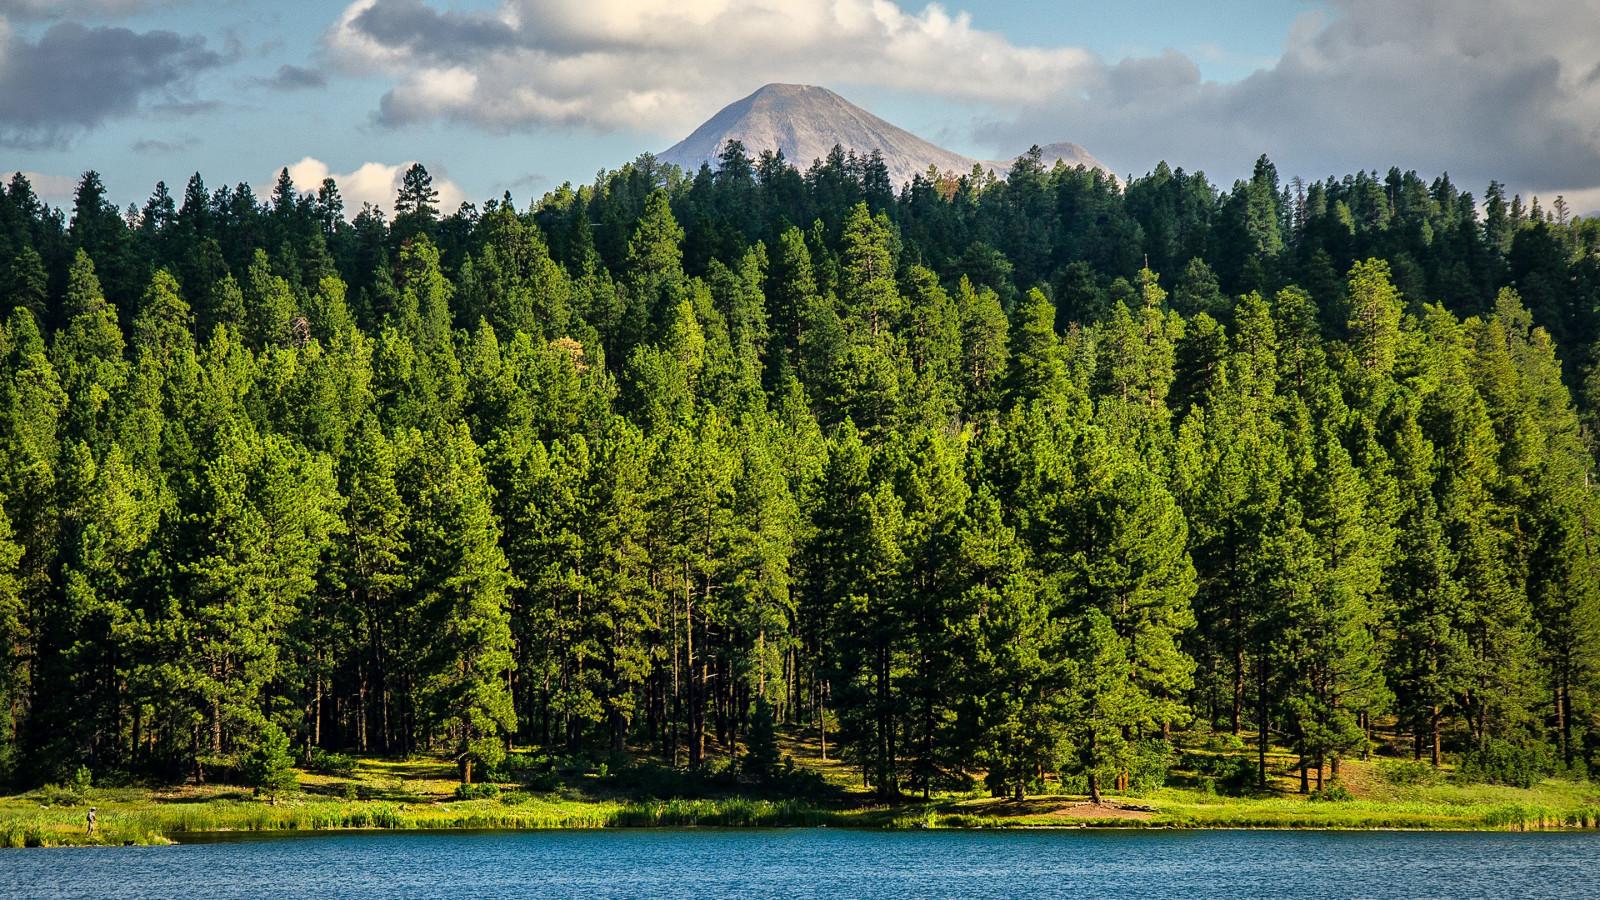 Fondos De Pantalla : Paisaje, Bosque, Lago, Naturaleza